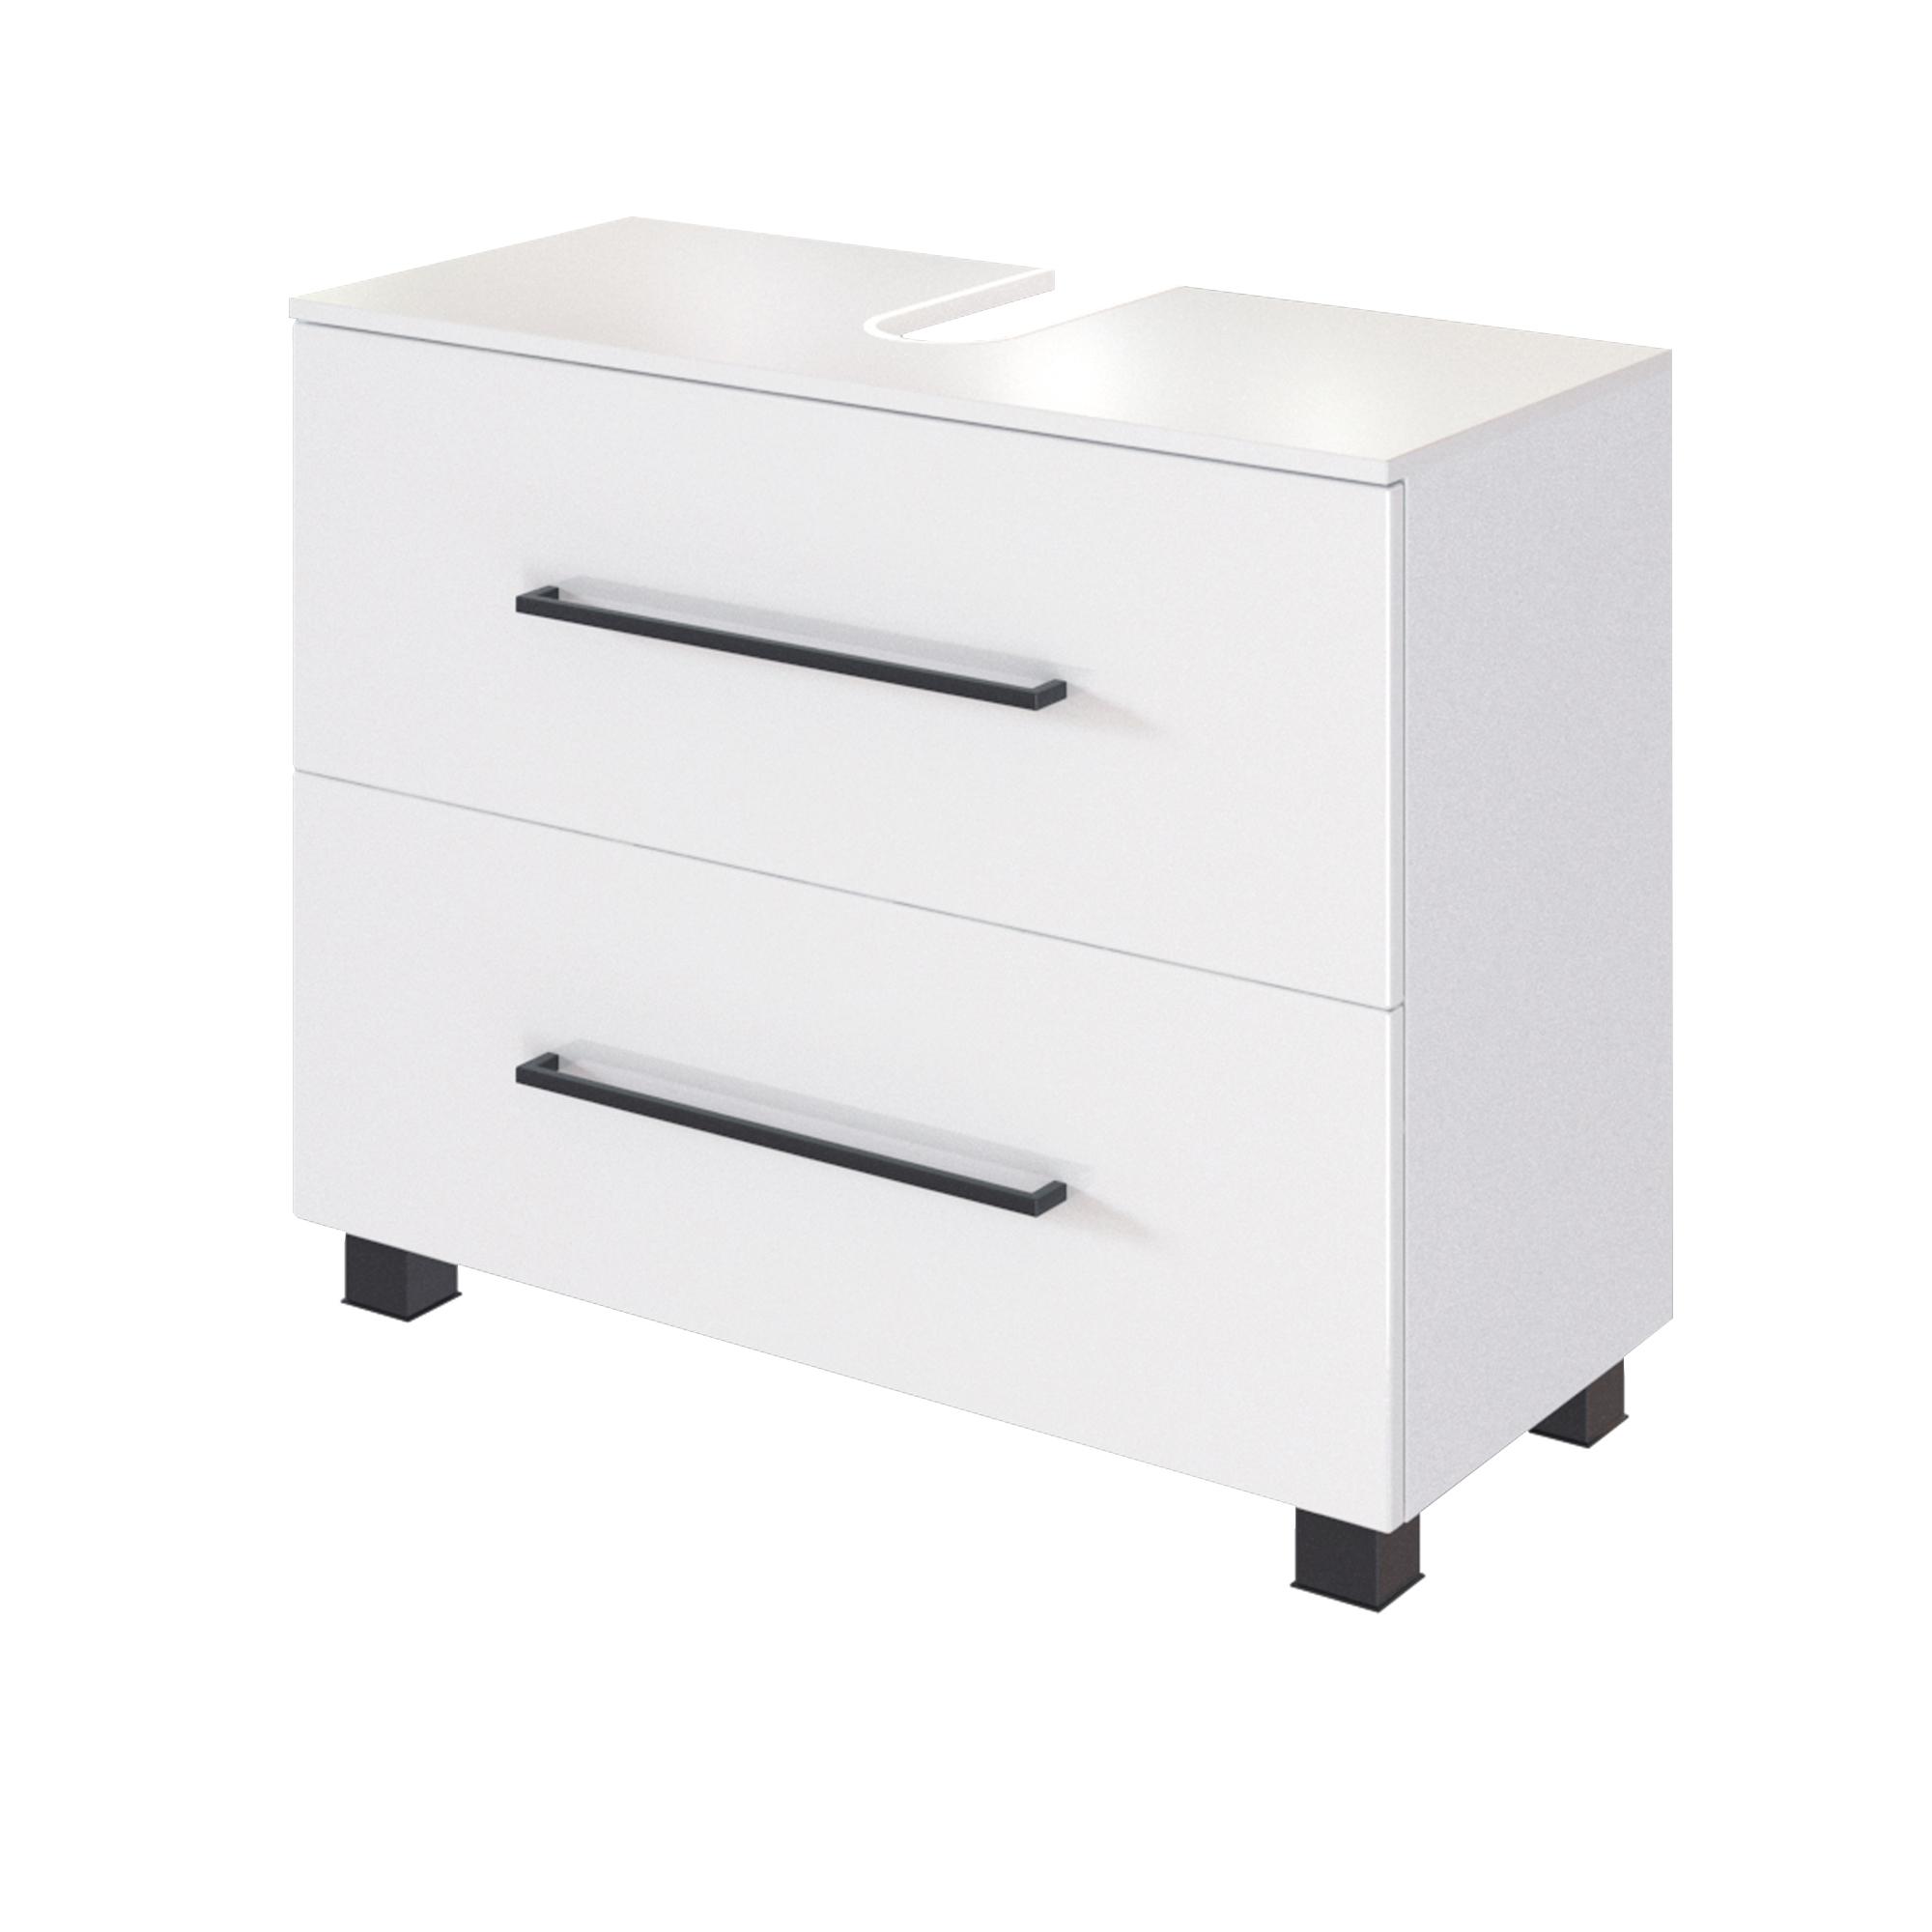 bad waschbeckenschrank luzern 1 auszug 1 klappe 70 cm breit wei matt bad. Black Bedroom Furniture Sets. Home Design Ideas